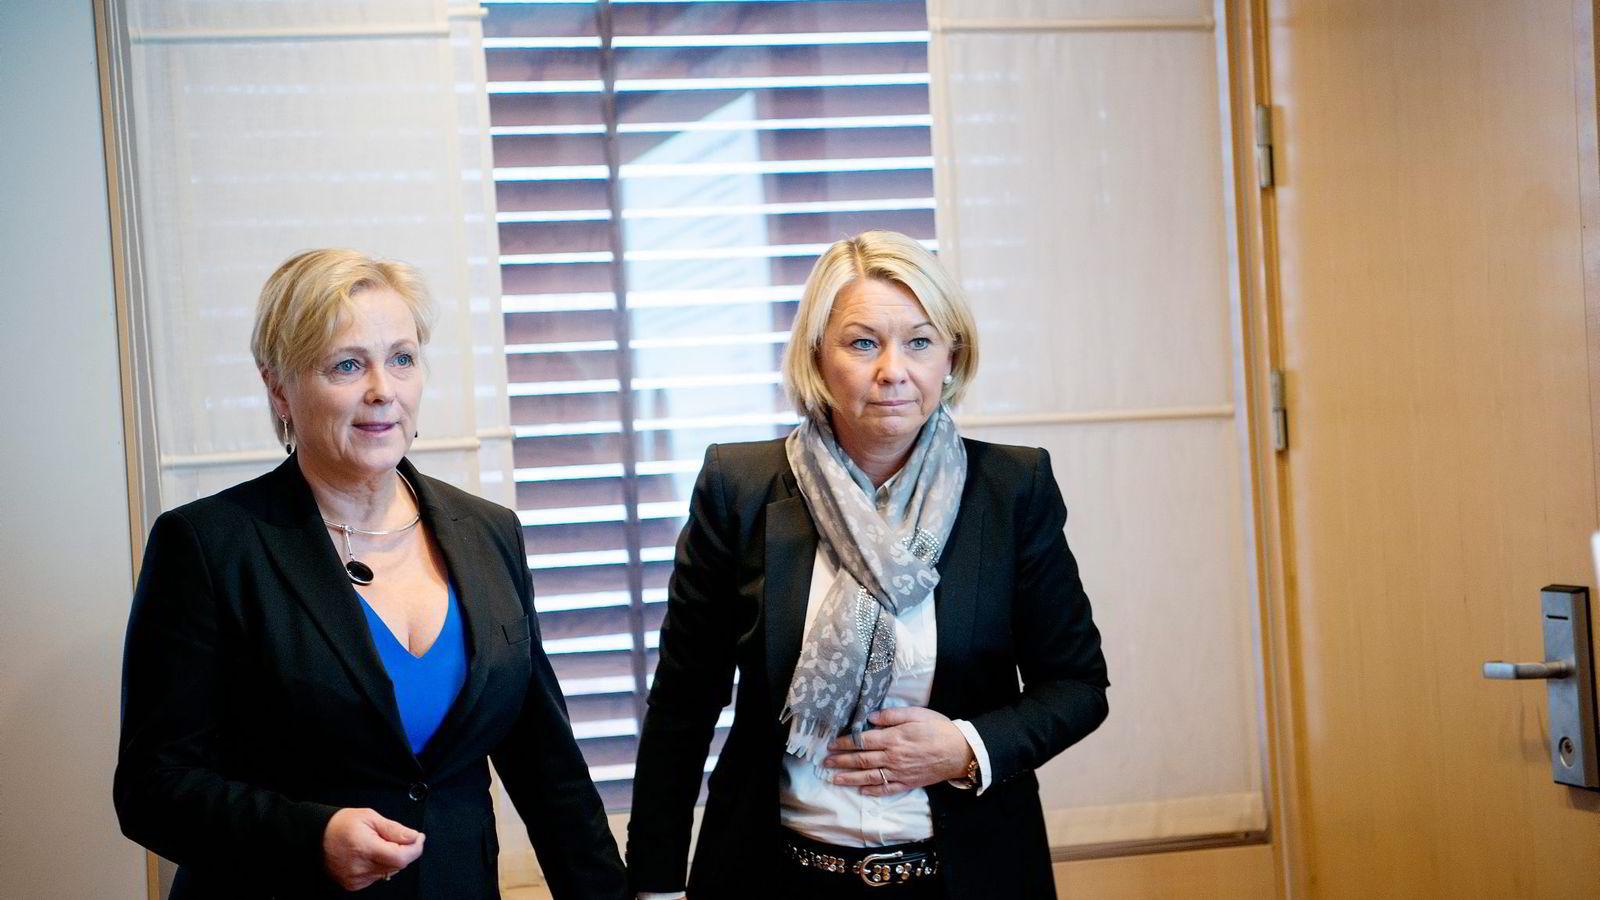 Næringsminister Monica Mæland (til høyre) møter kritikk for ikke å ha fått vurdert egen habilitet i ansettelsen av Thorhild Widvey som styreleder i Statkraft.